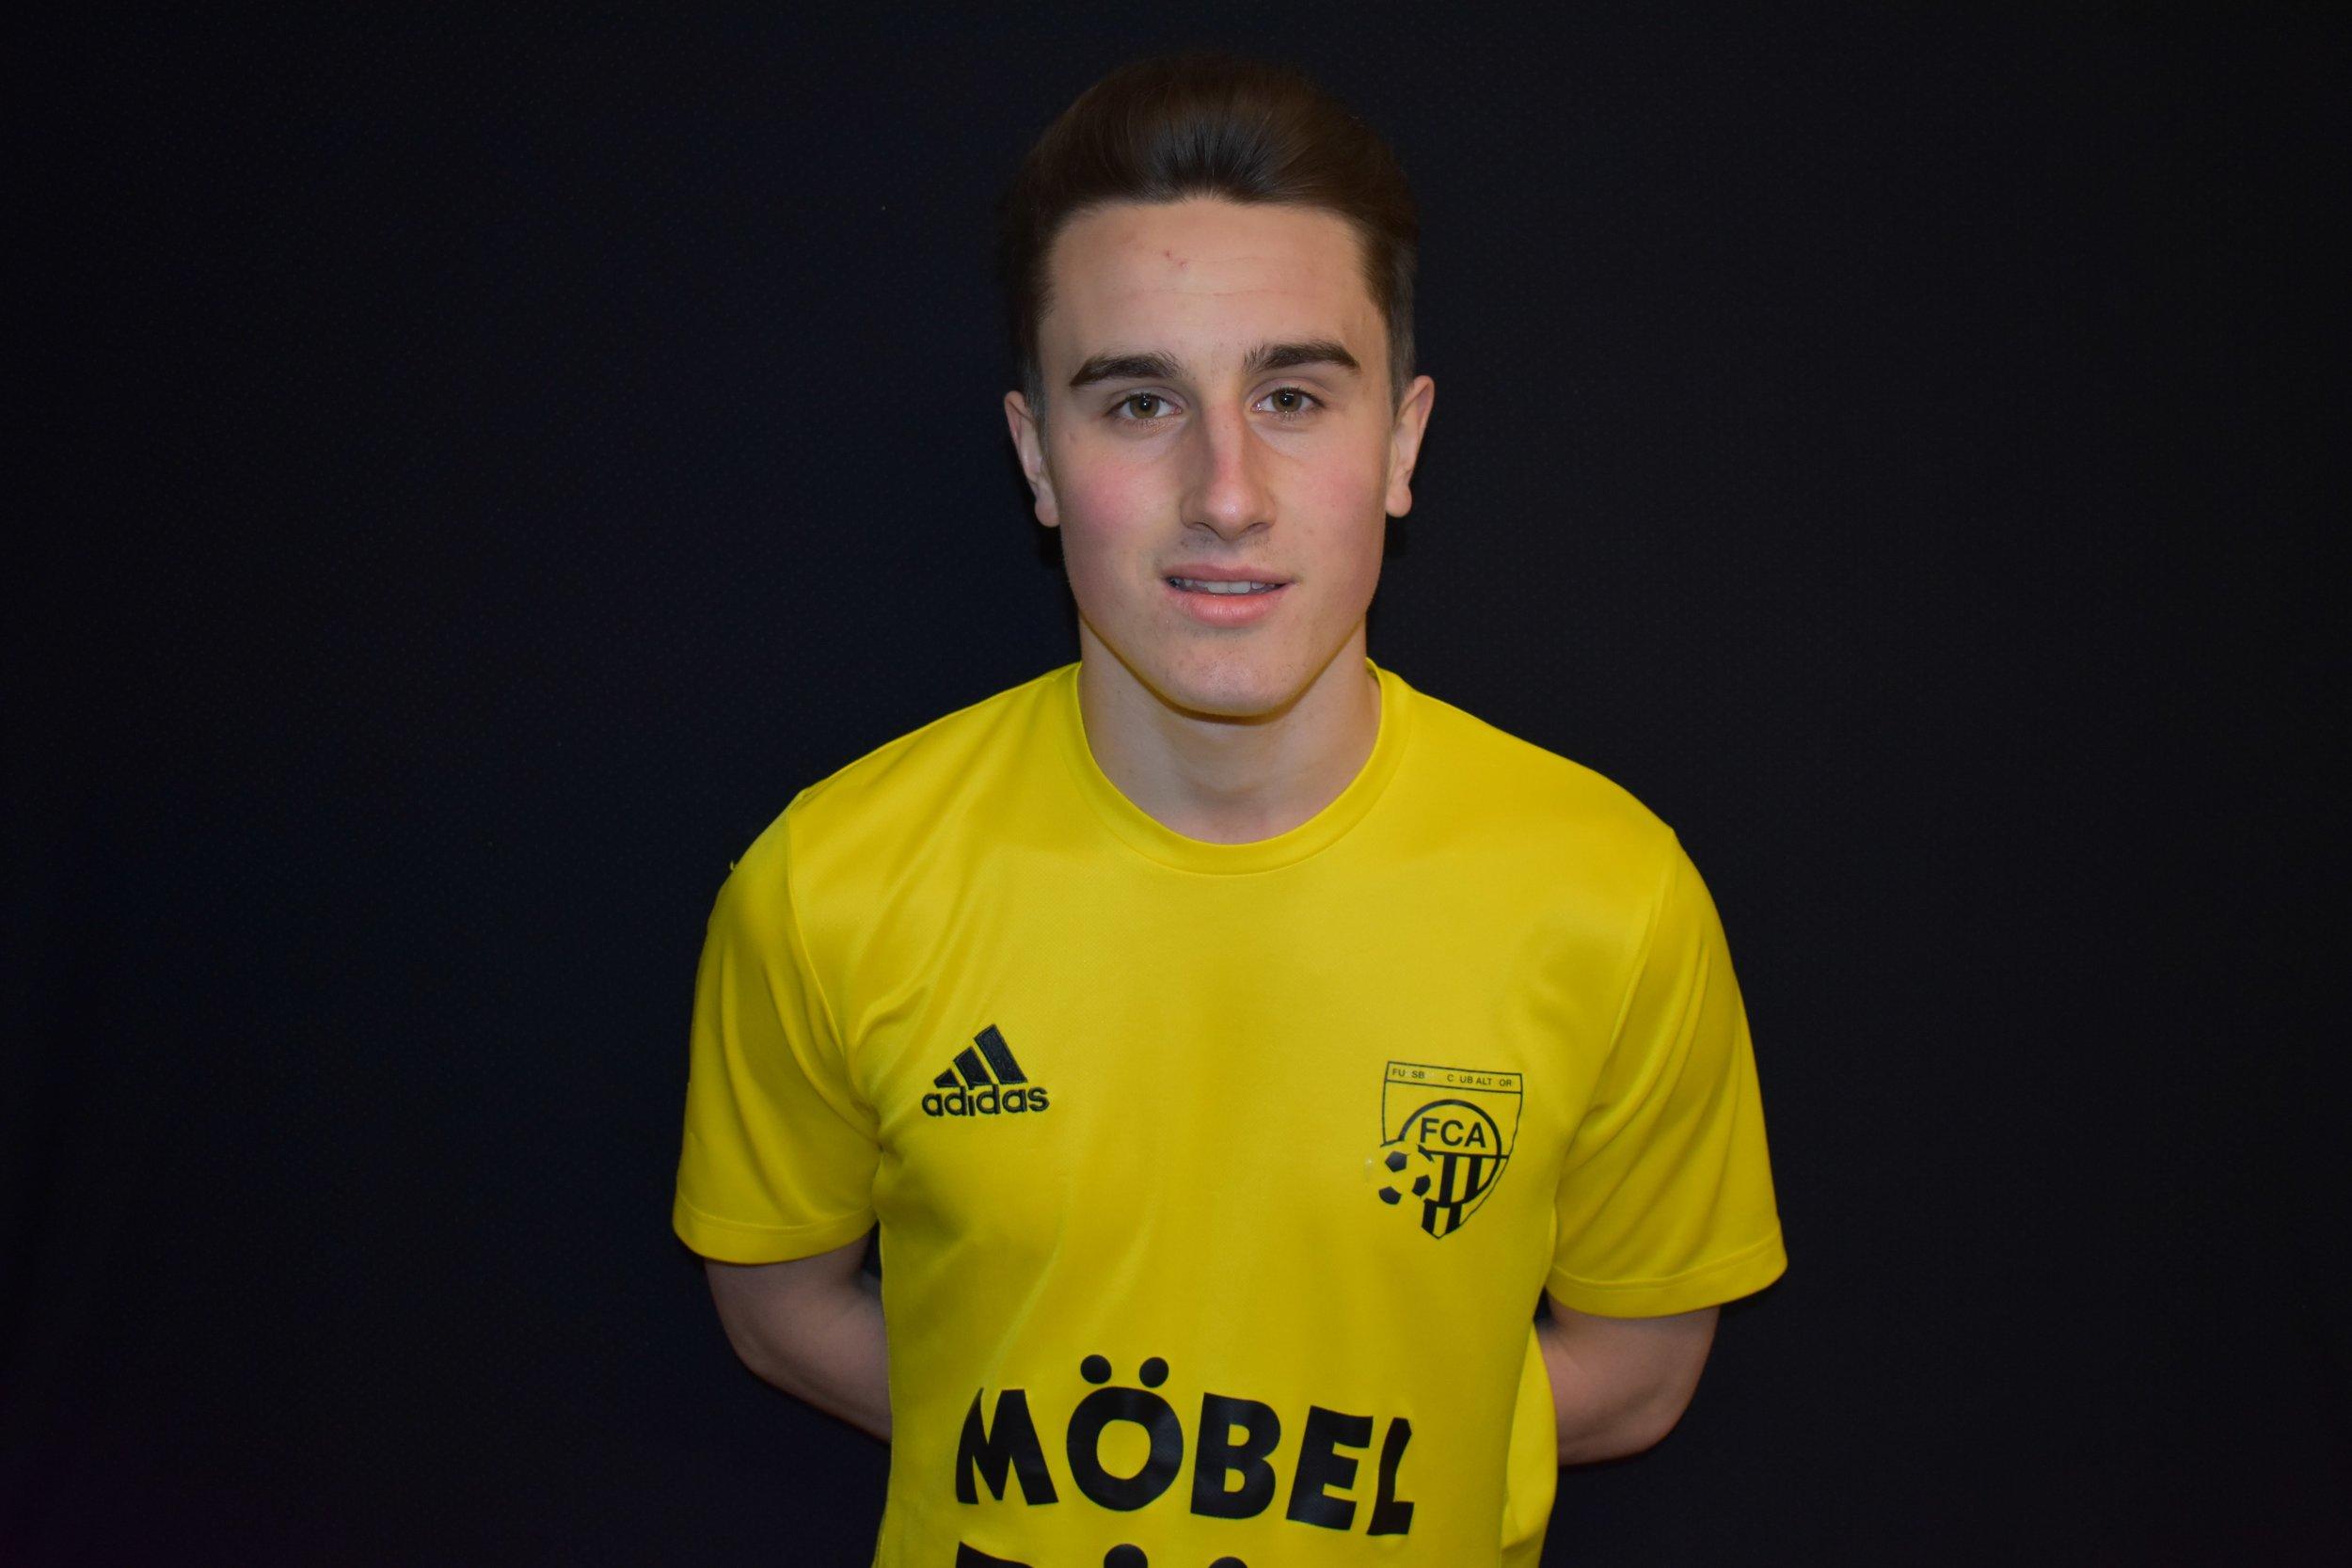 Altdorfs Jamin Schürpf traf bei seinem Pflichtspieldebüt nach langer Verletzung zum Führungstreffer. Foto: FC Altdorf